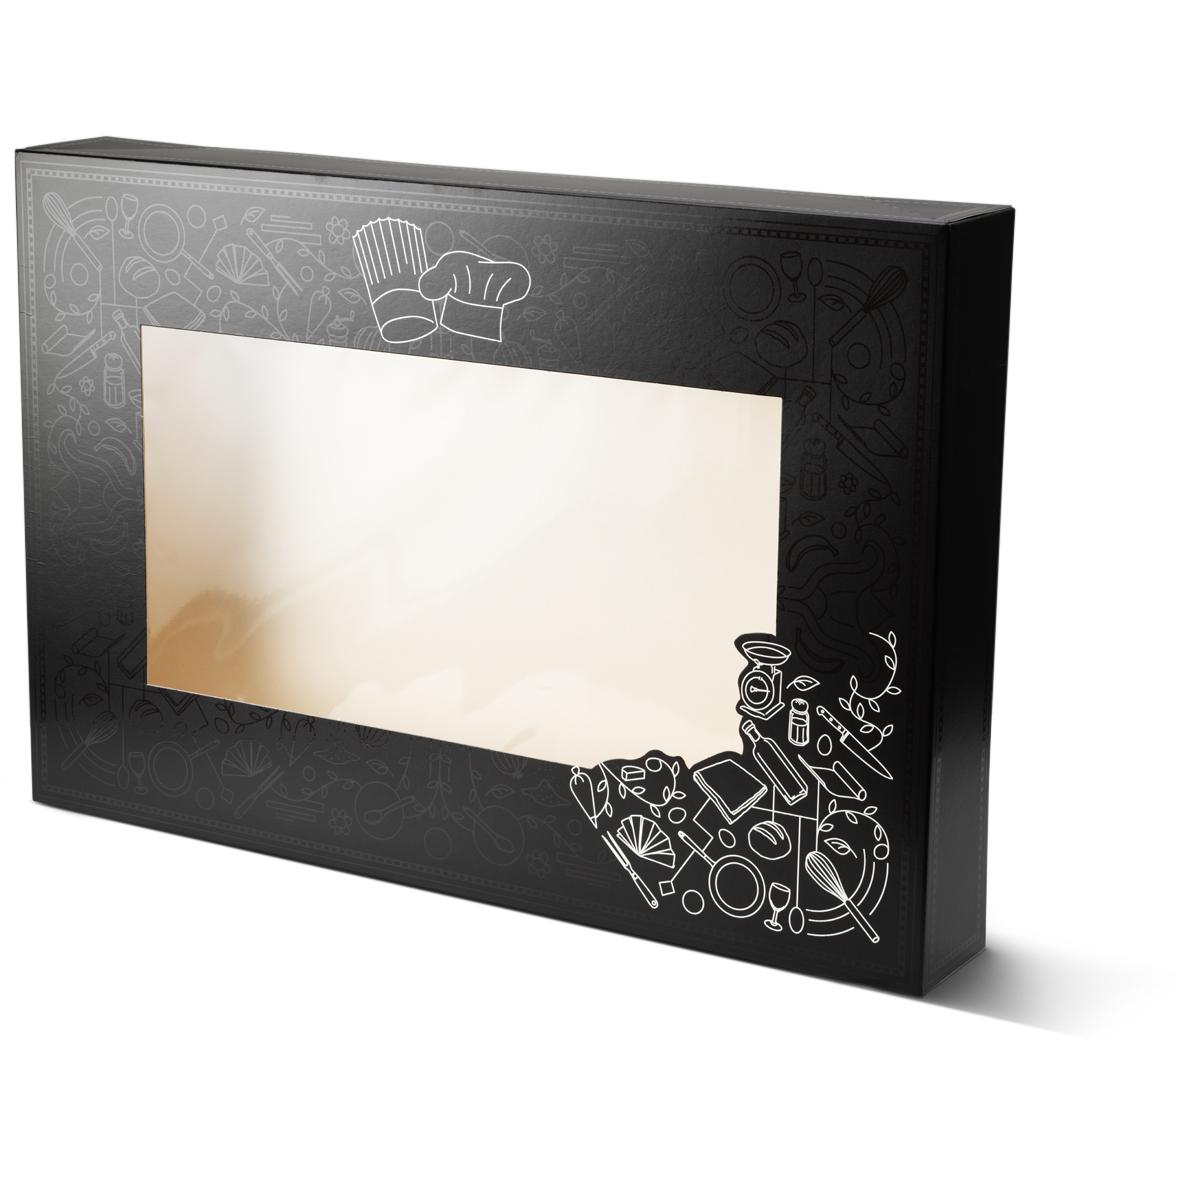 Catering doos groot met venster voor bijvoorbeeld salades, maaltijden etc. uitgevoerd in het zwart